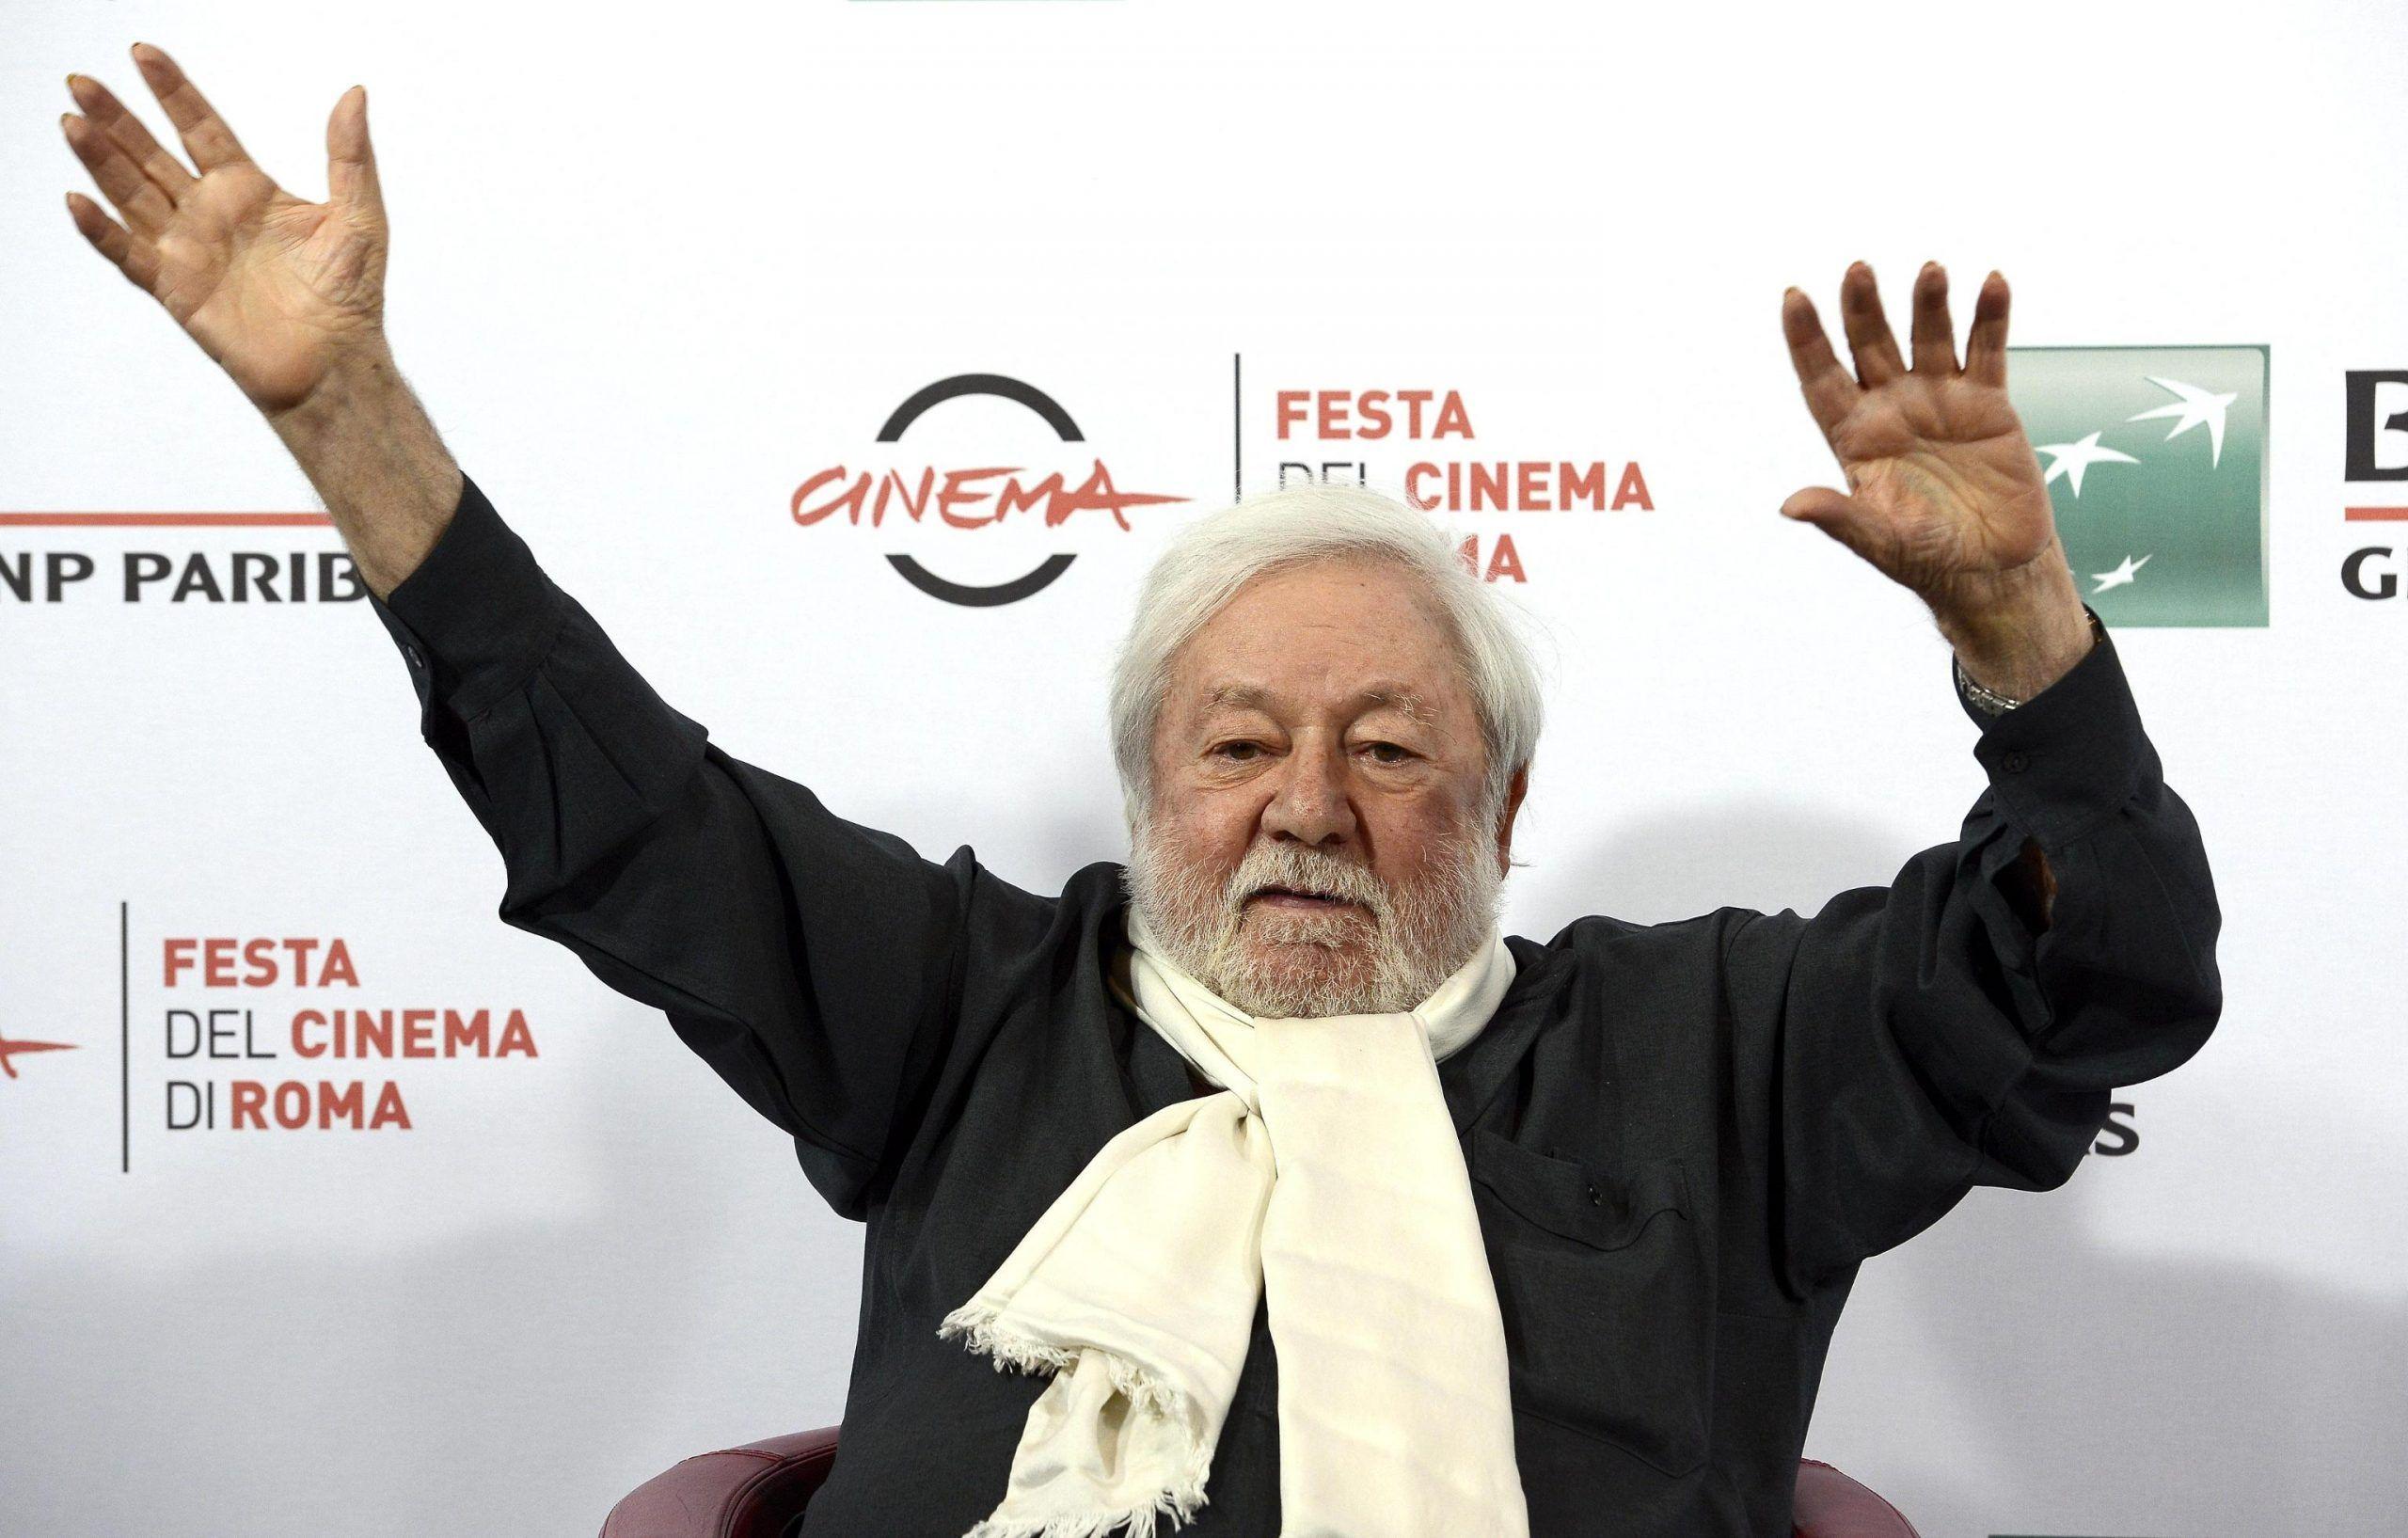 Morto Paolo Villaggio: l'attore si è spento a Roma a 84 anni